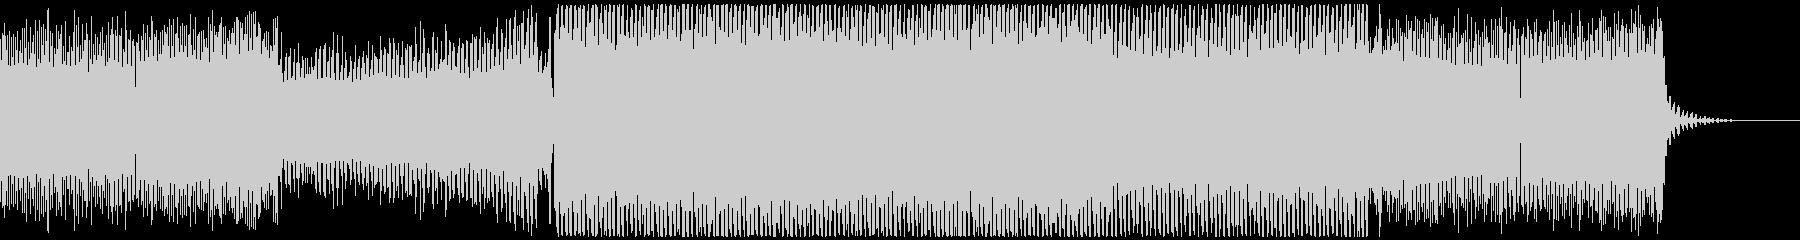 浮遊感のあるサイバートランス風BGMの未再生の波形